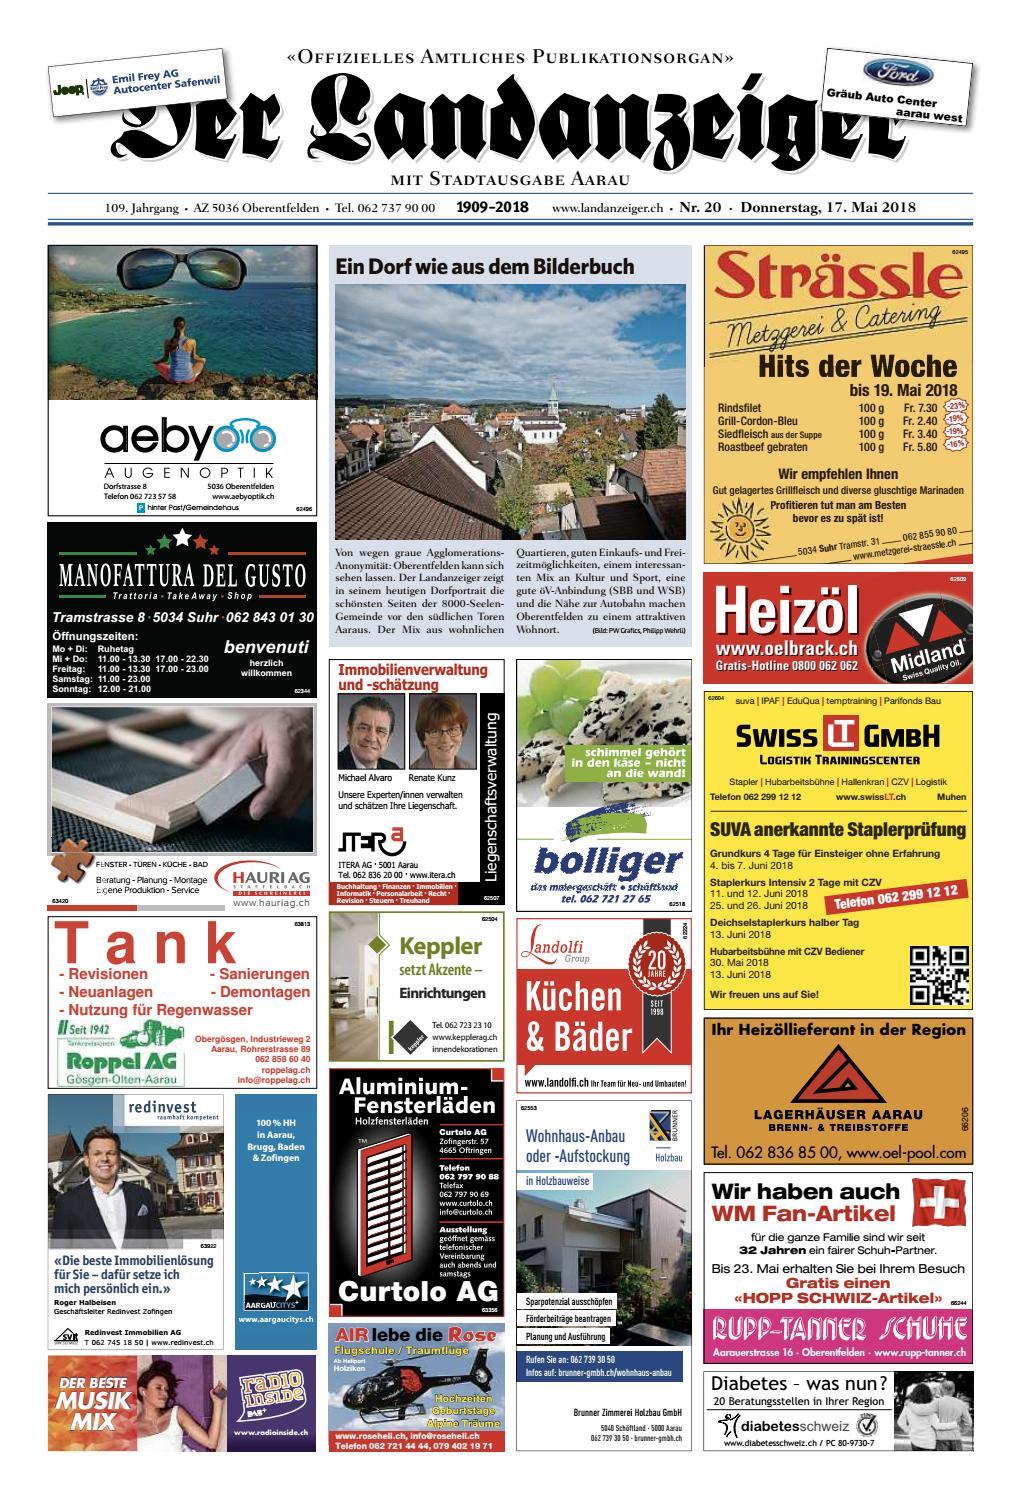 Schweizer klangen anfangs fr mich wie Wikinger - E-Paper